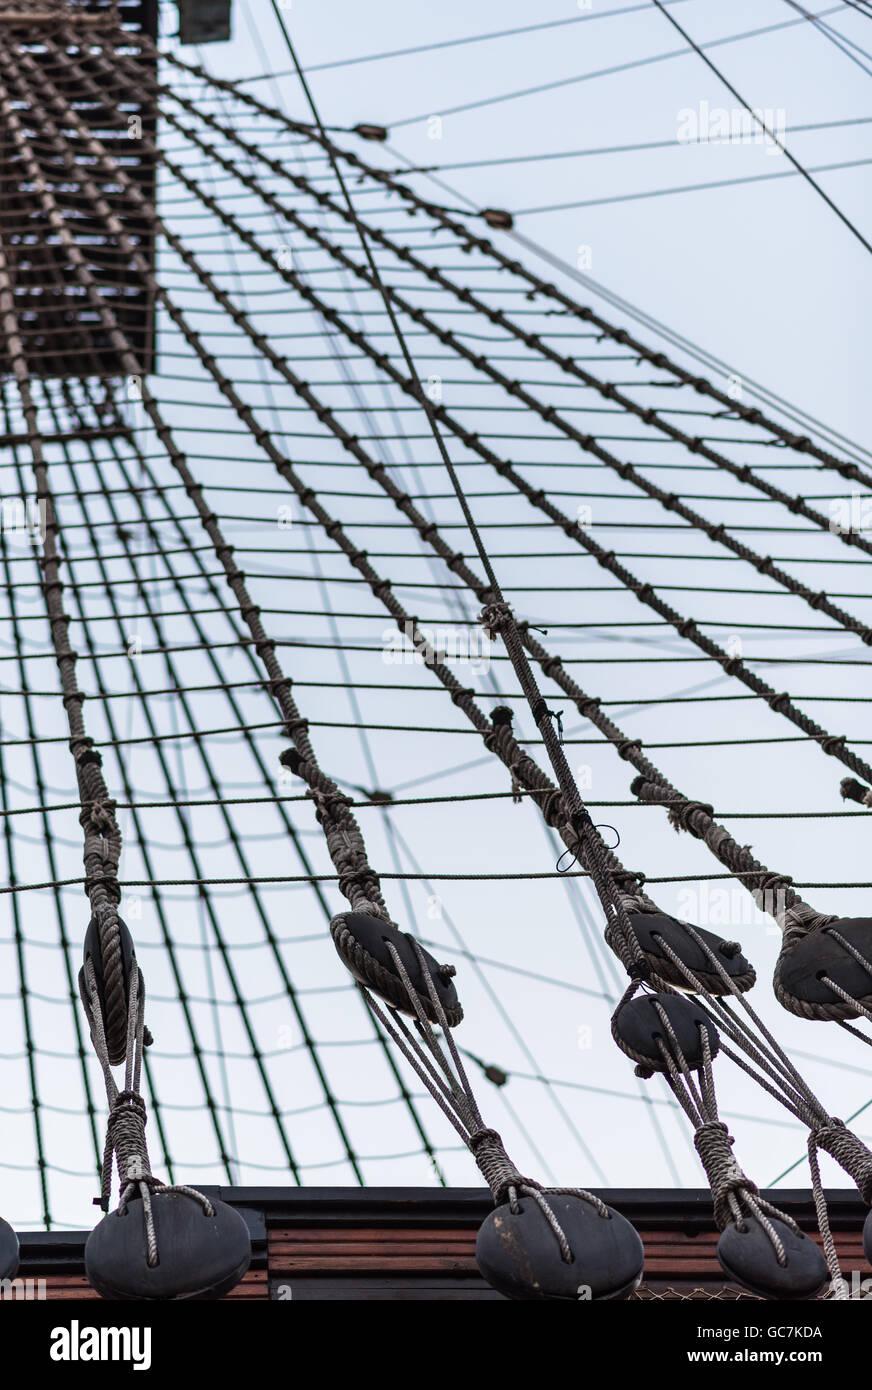 Ship shrouds - Stock Image